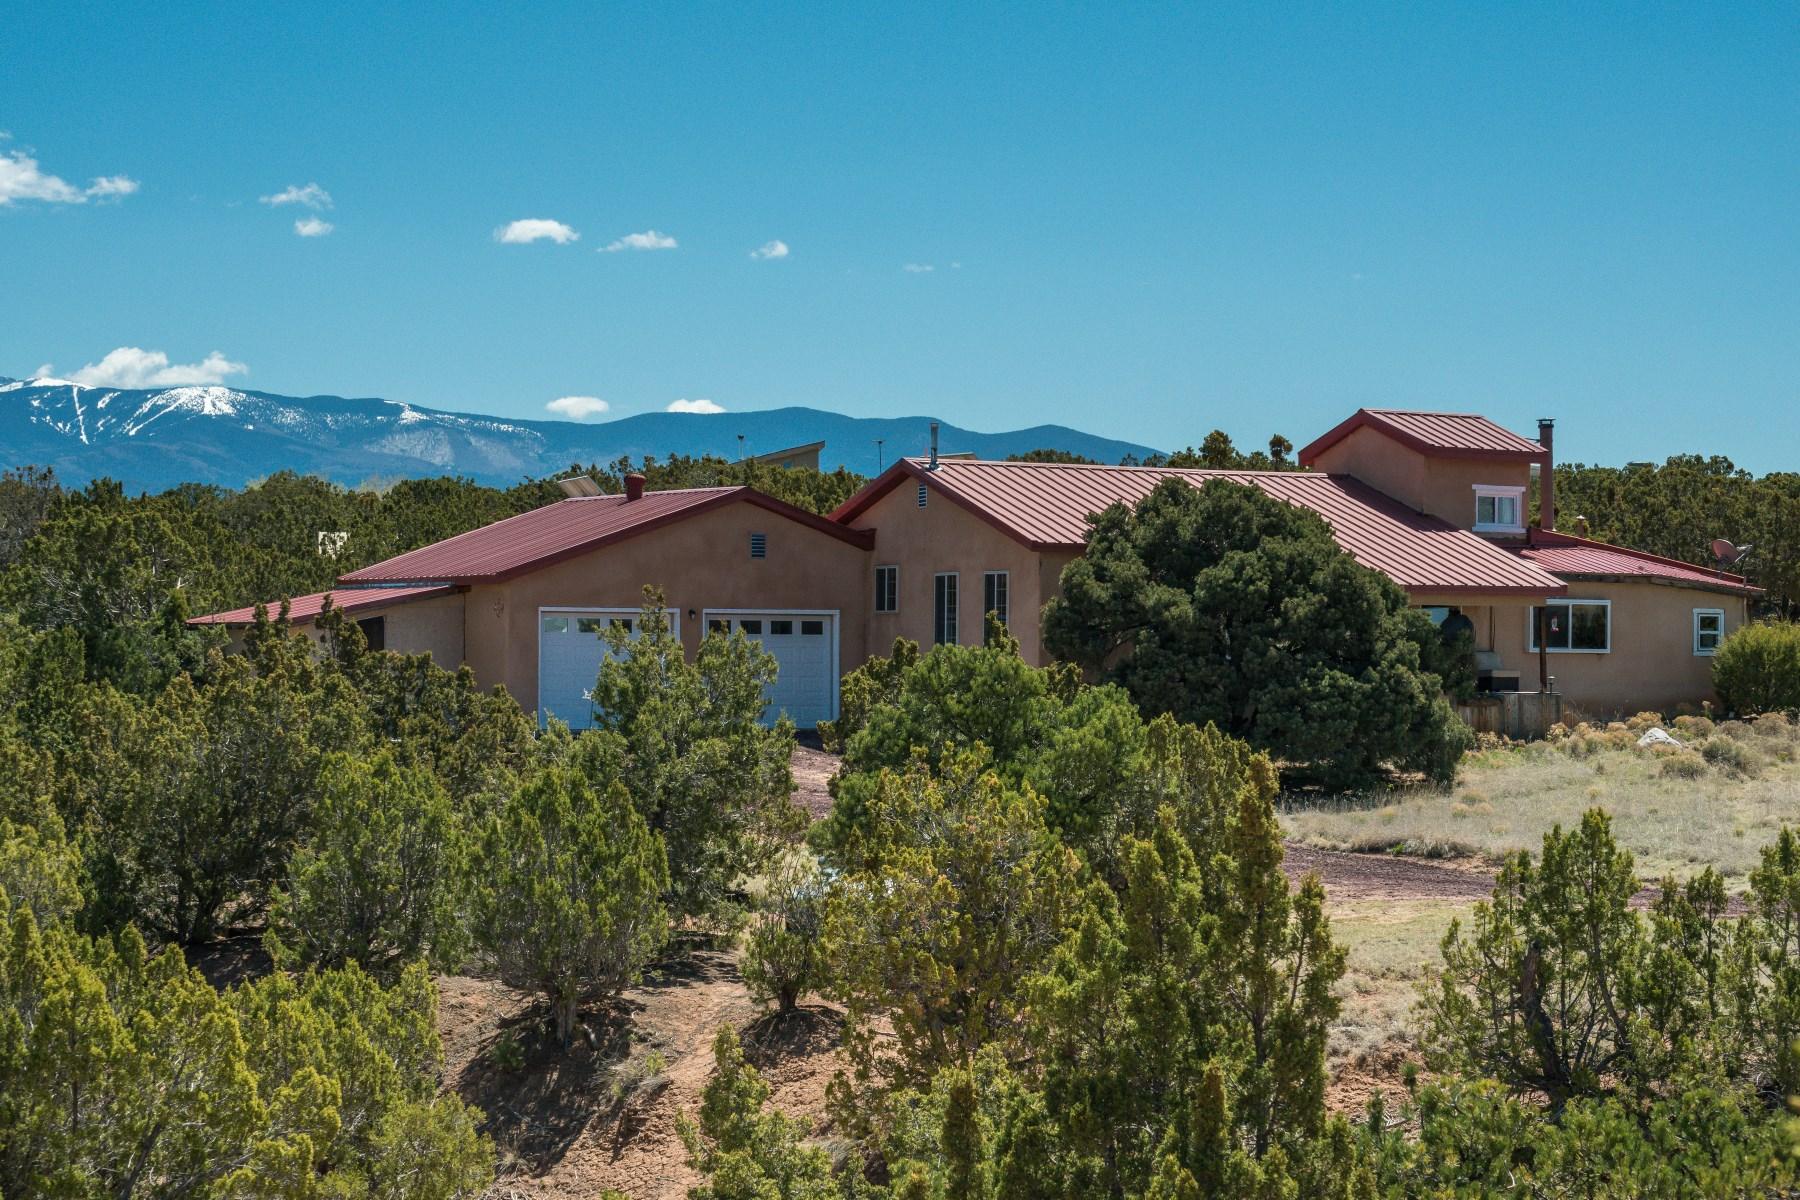 獨棟家庭住宅 為 出售 在 25 Vuelta Horcado 25 Vuelta Horcado Santa Fe, New Mexico 87506 United States